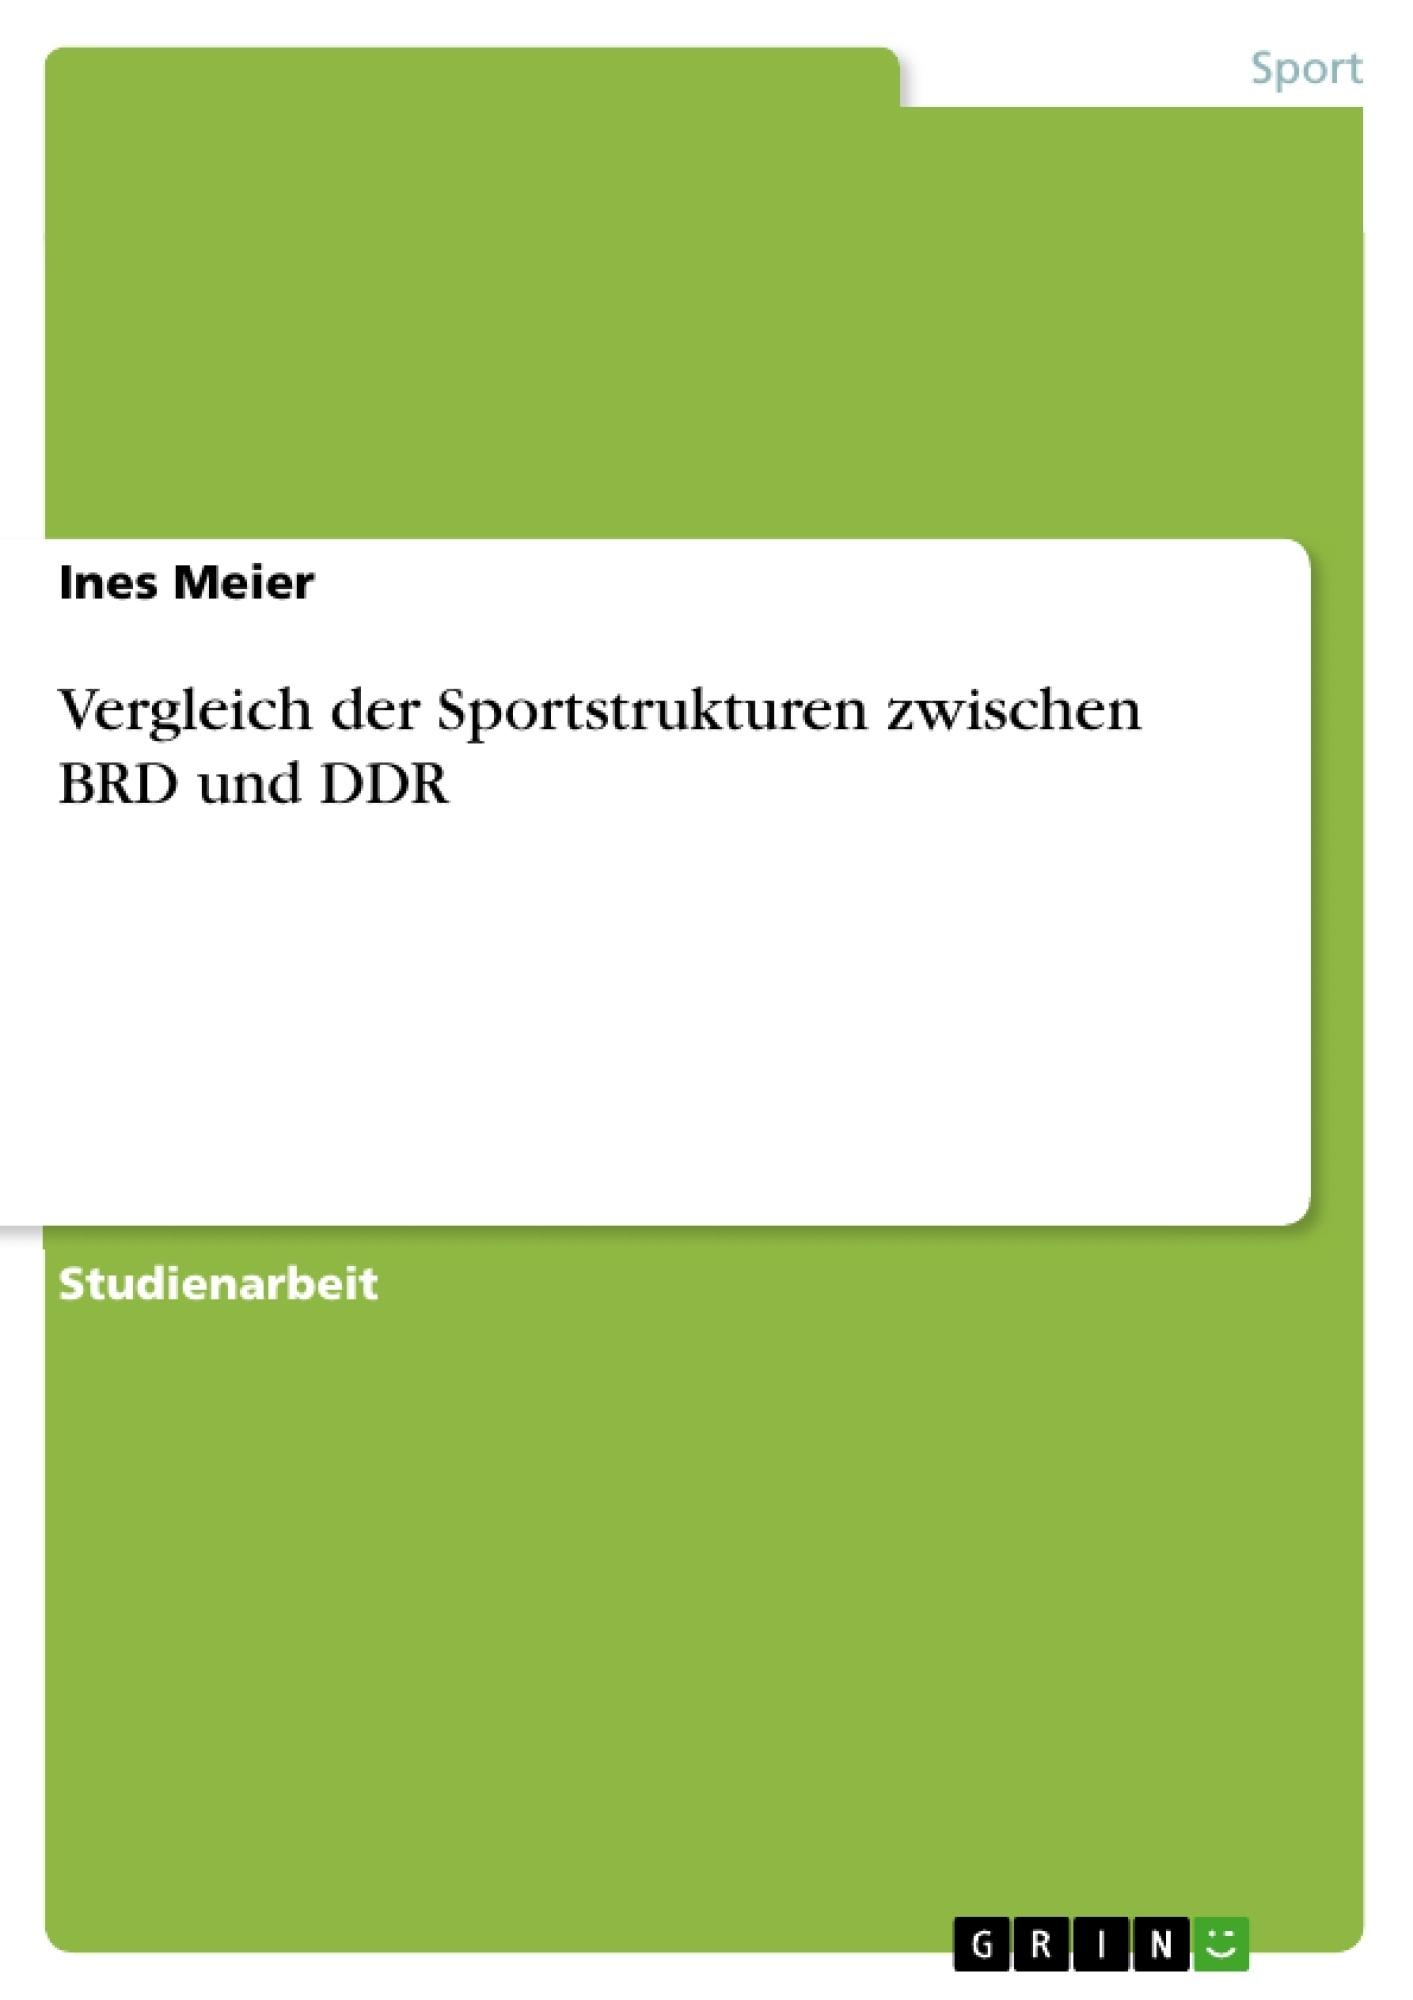 Titel: Vergleich der Sportstrukturen zwischen BRD und DDR